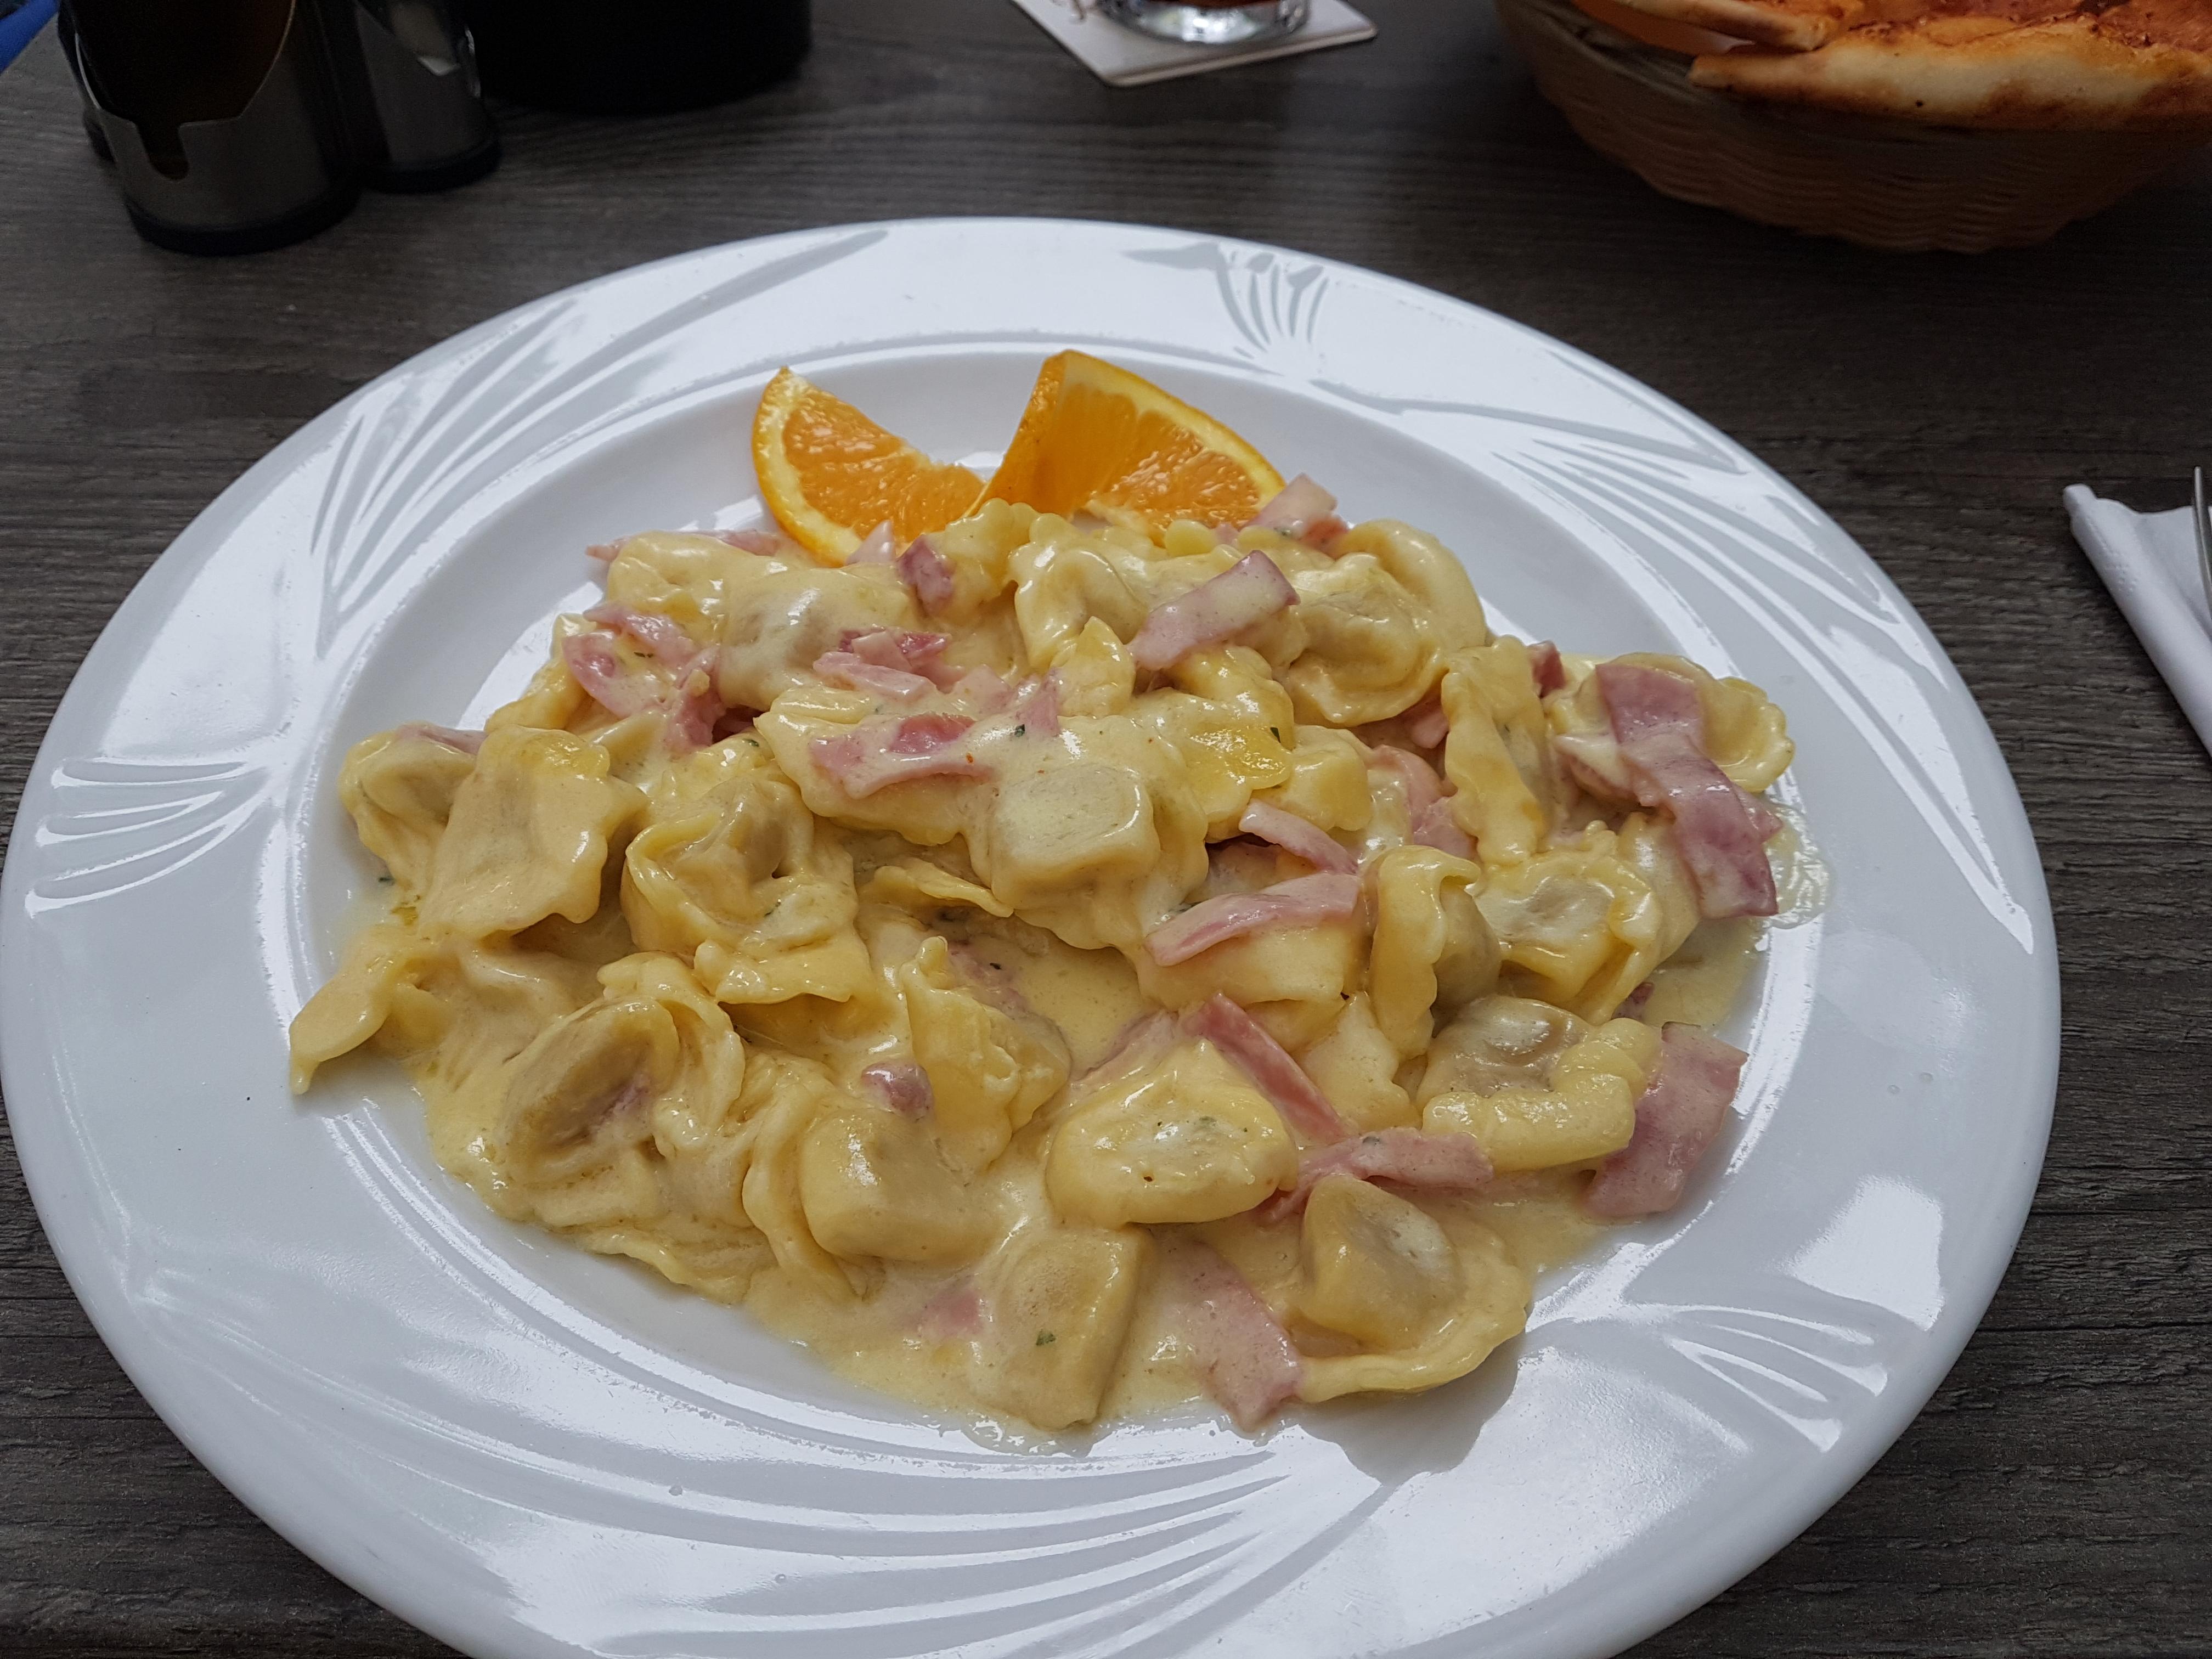 https://foodloader.net/Holz_2019-07-27_Tortellini_alla_Panna.jpg